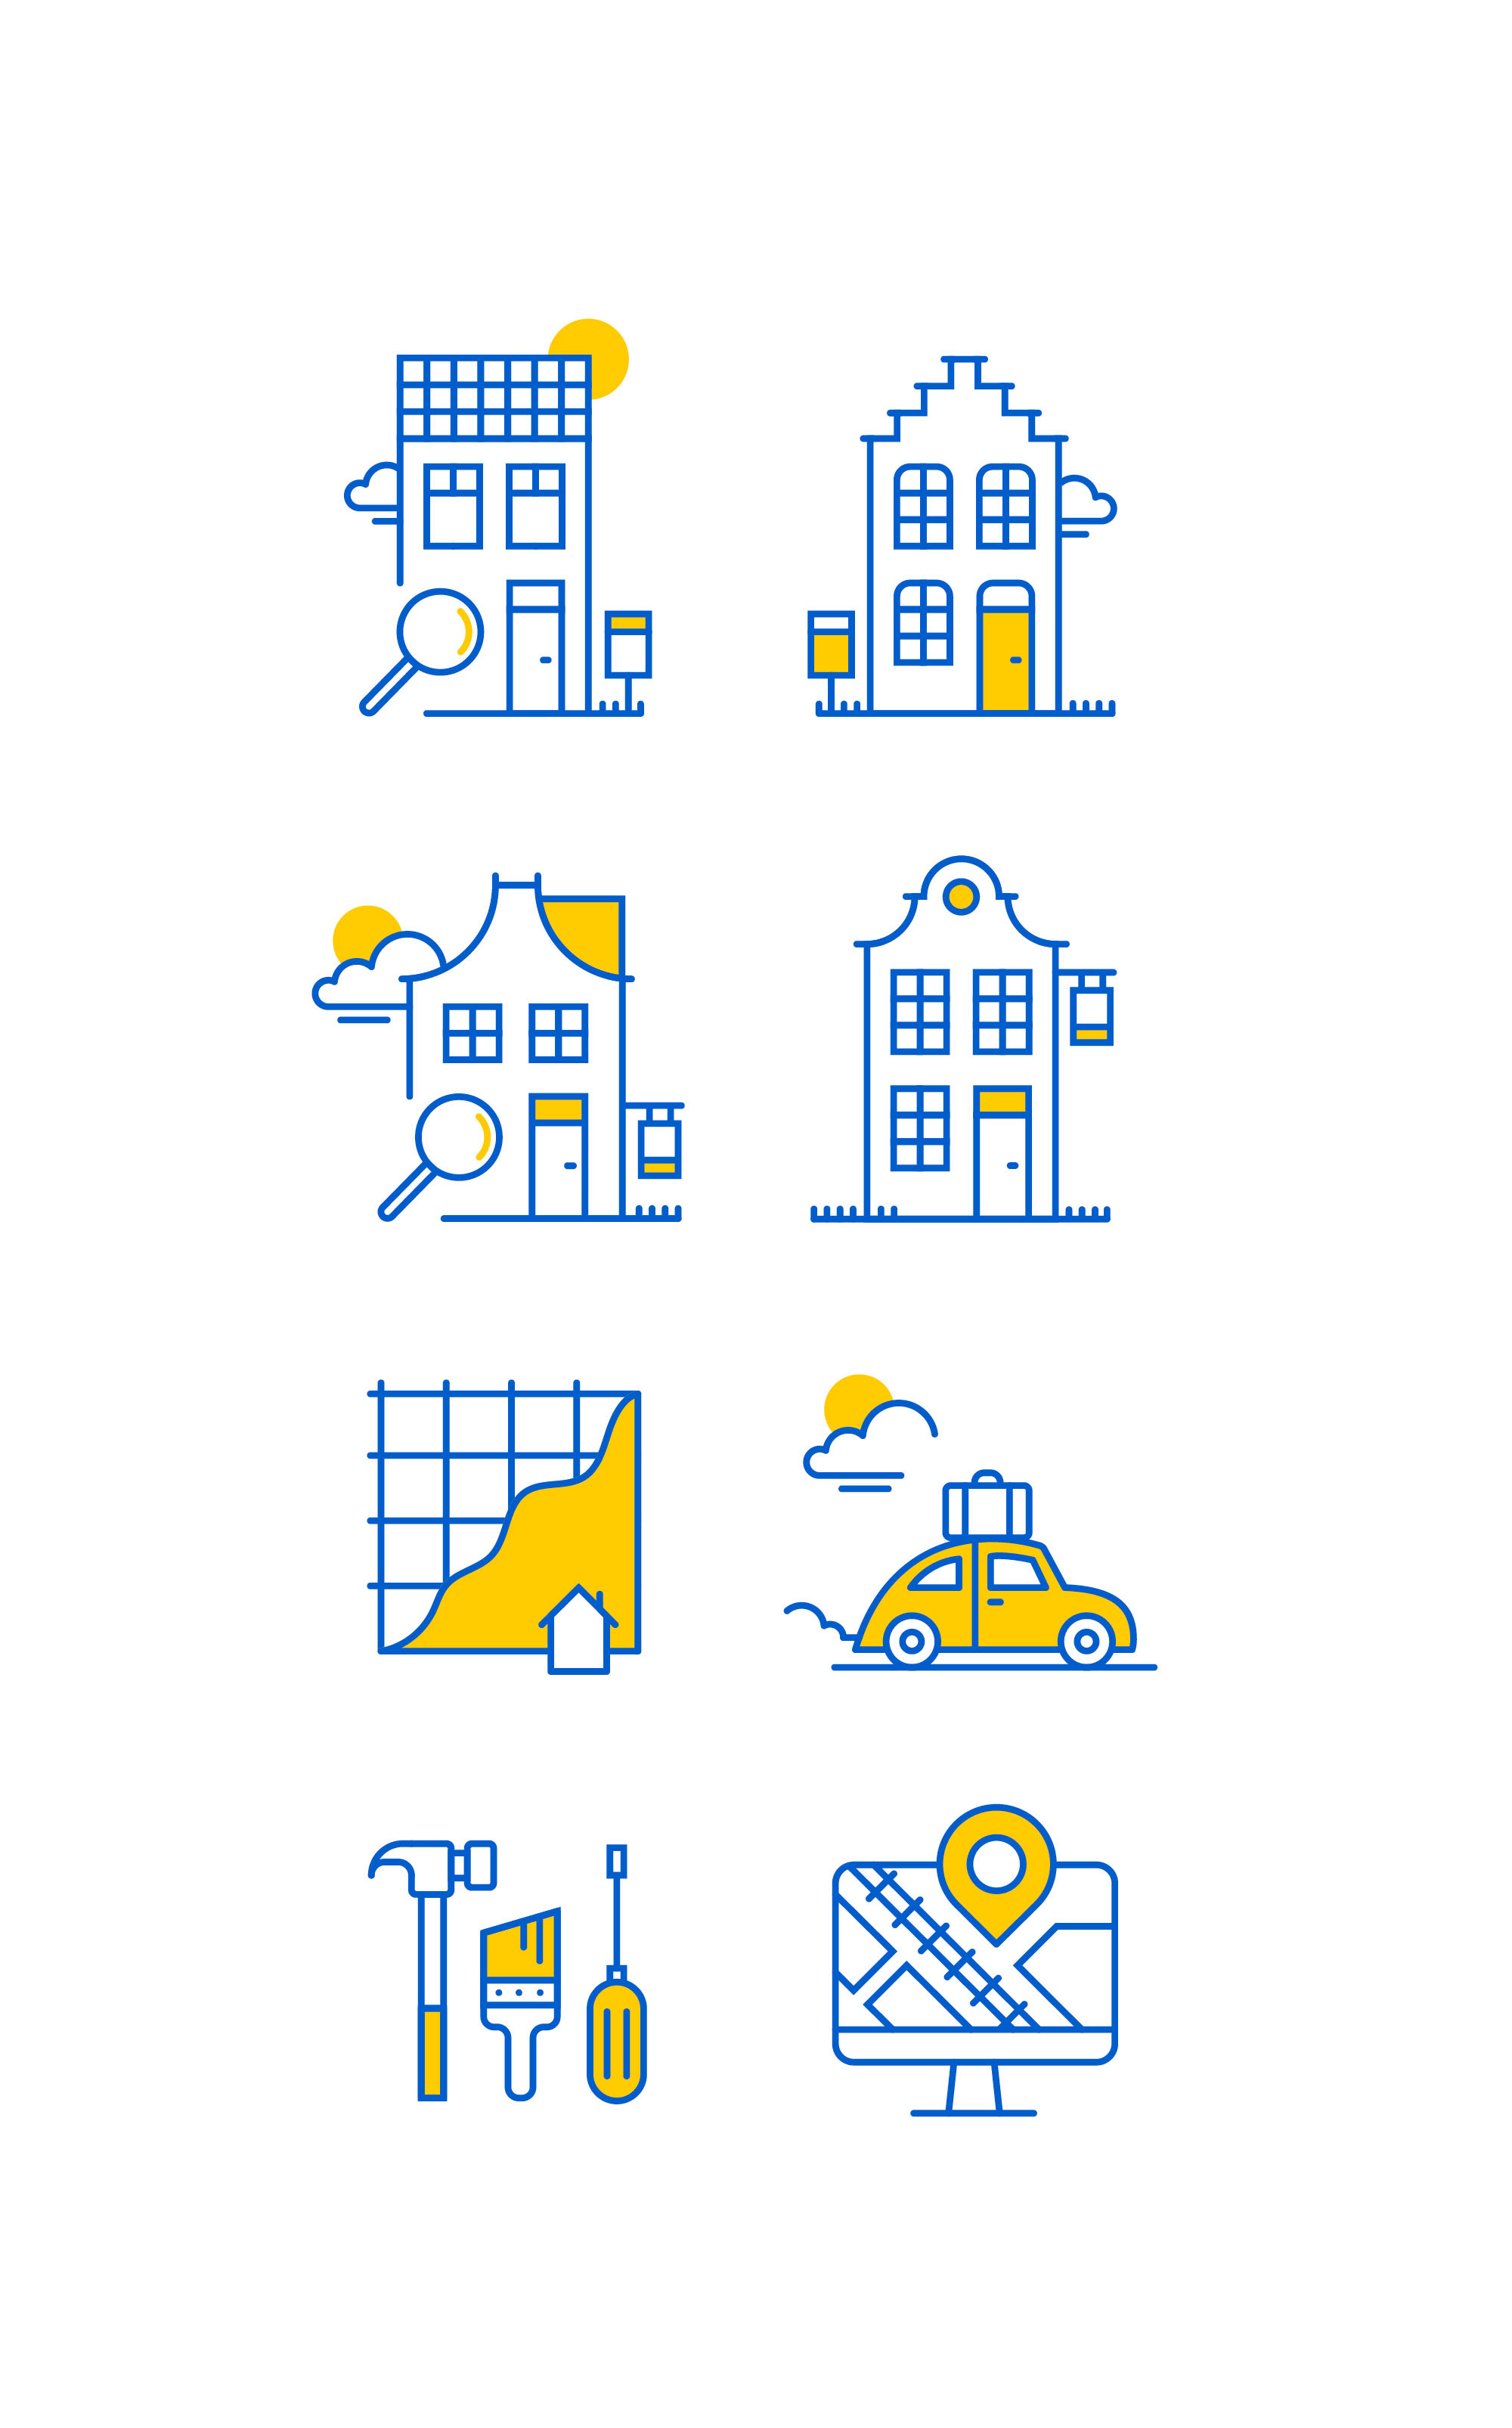 iconen illustratie ontwerp makelaar de design club